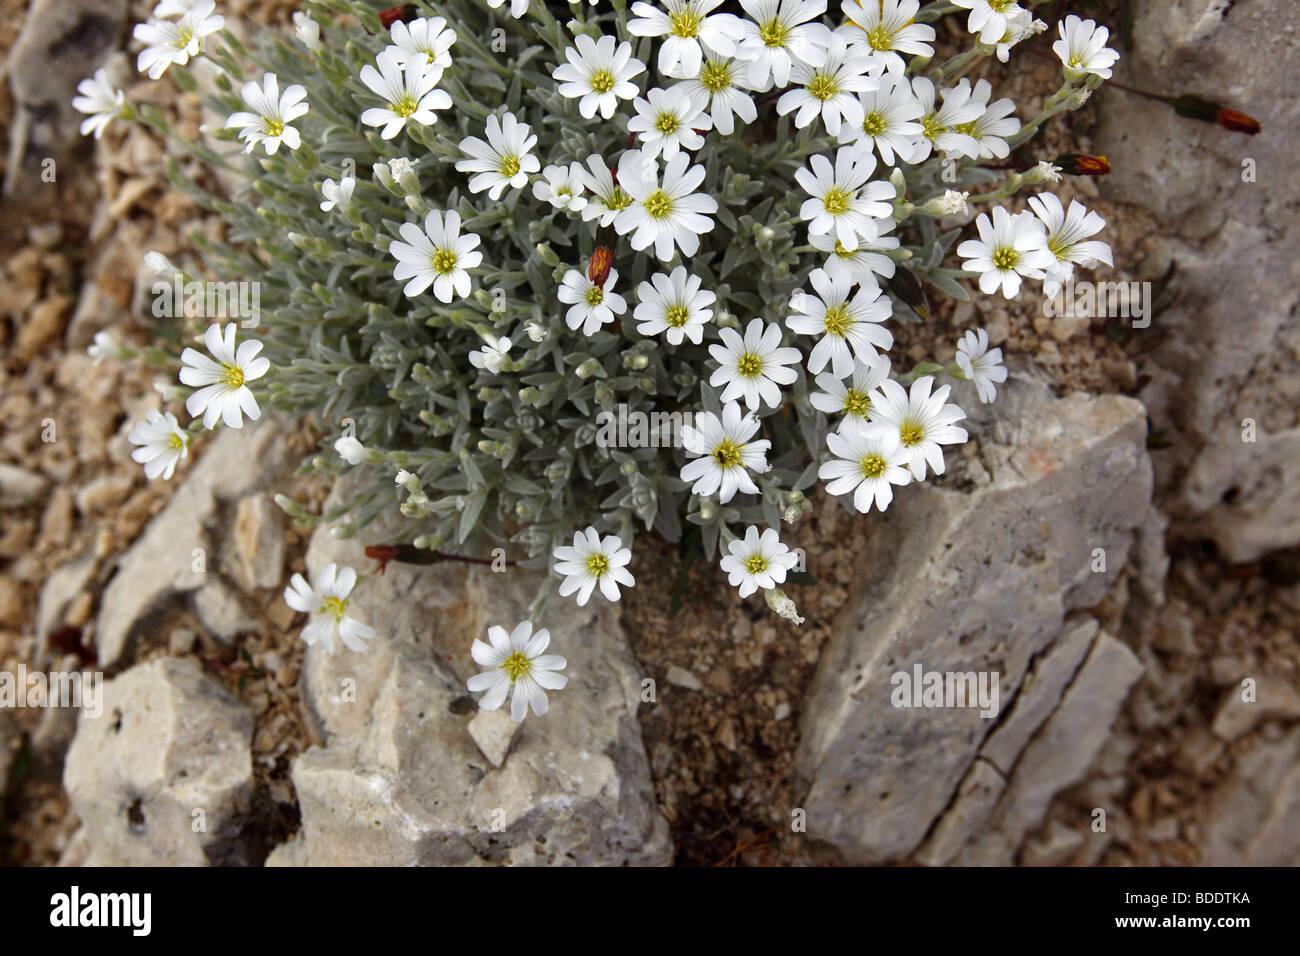 Androsace villosa fleurs qui poussent à flanc de montagne dans le Gran Sasso D'Italia dans les Apennins, Photo Stock